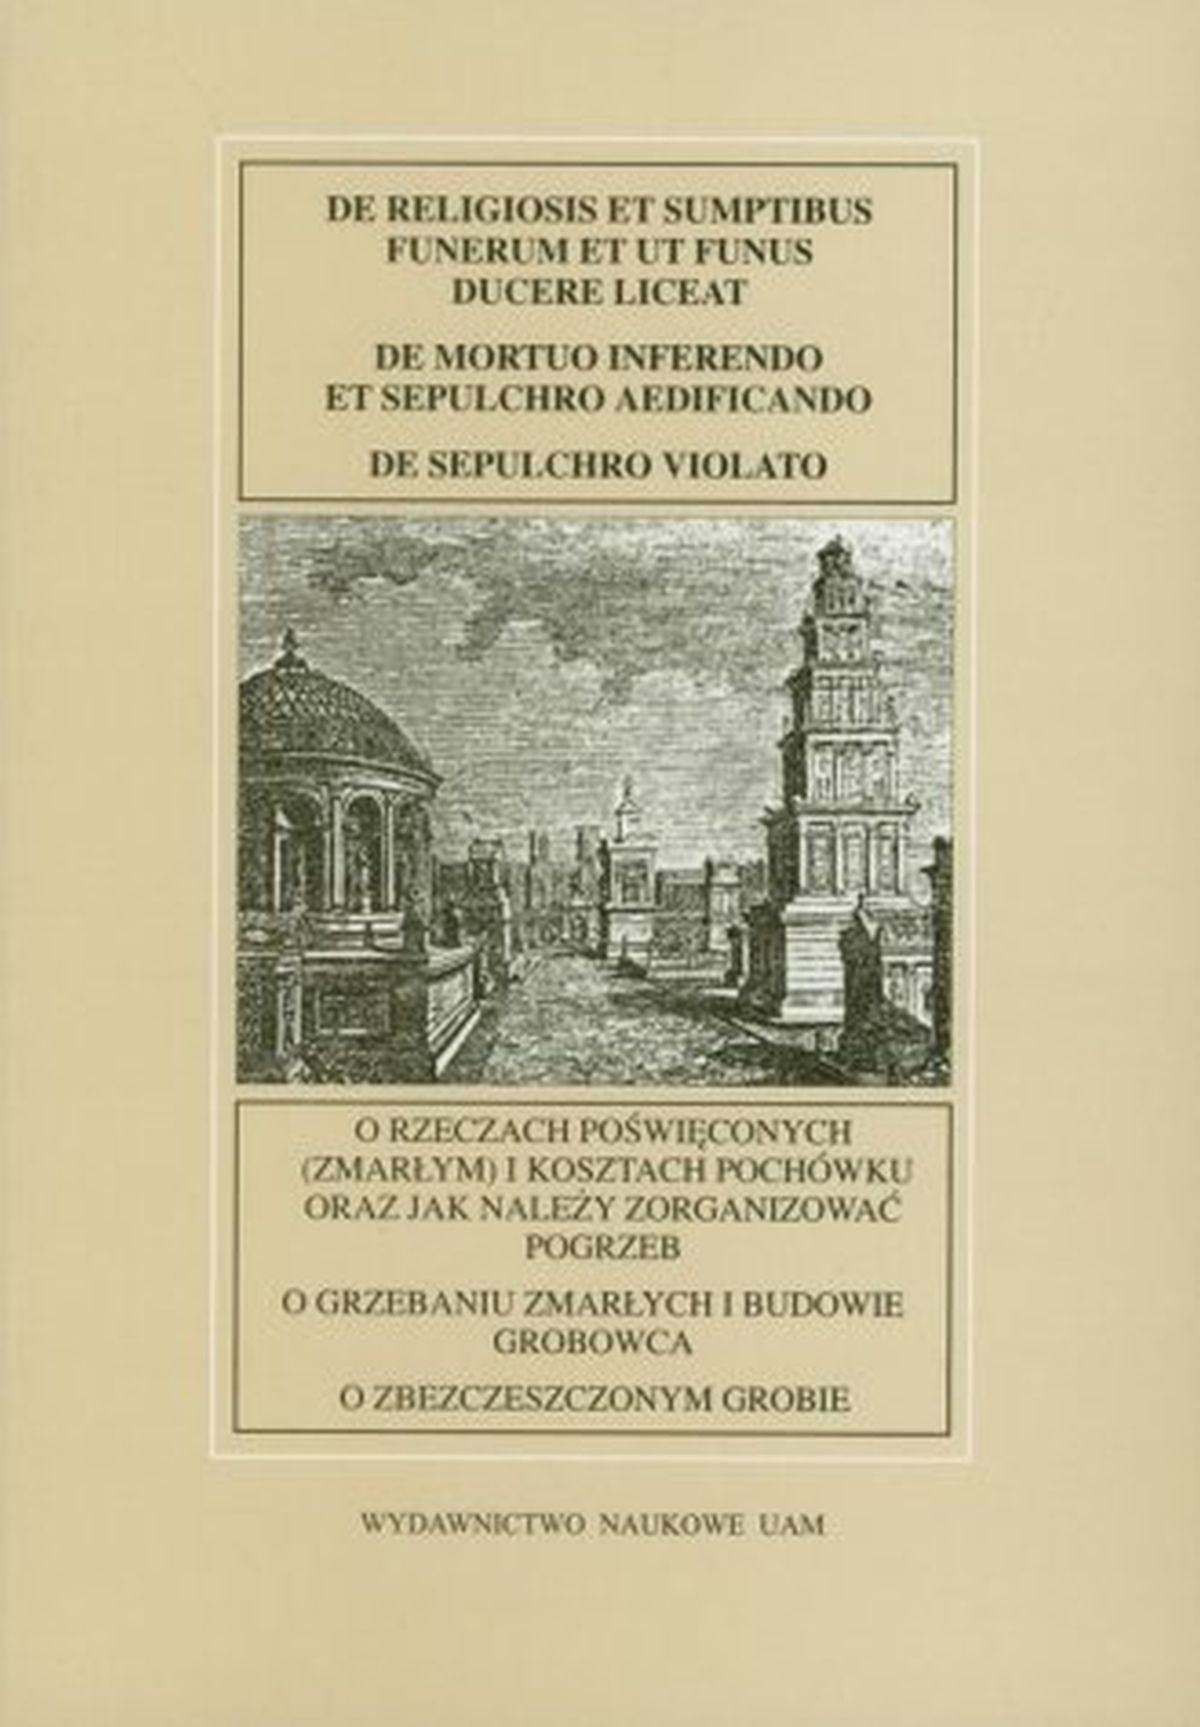 Fontes Historiae Antiquae XII. O rzeczach poświęconych (zmarłym) i kosztach pochówku oraz jak należy zorganizować pogrzeb. O grzebaniu zmarłych i budowie grobowca. O zbeszczeszczonym grobie